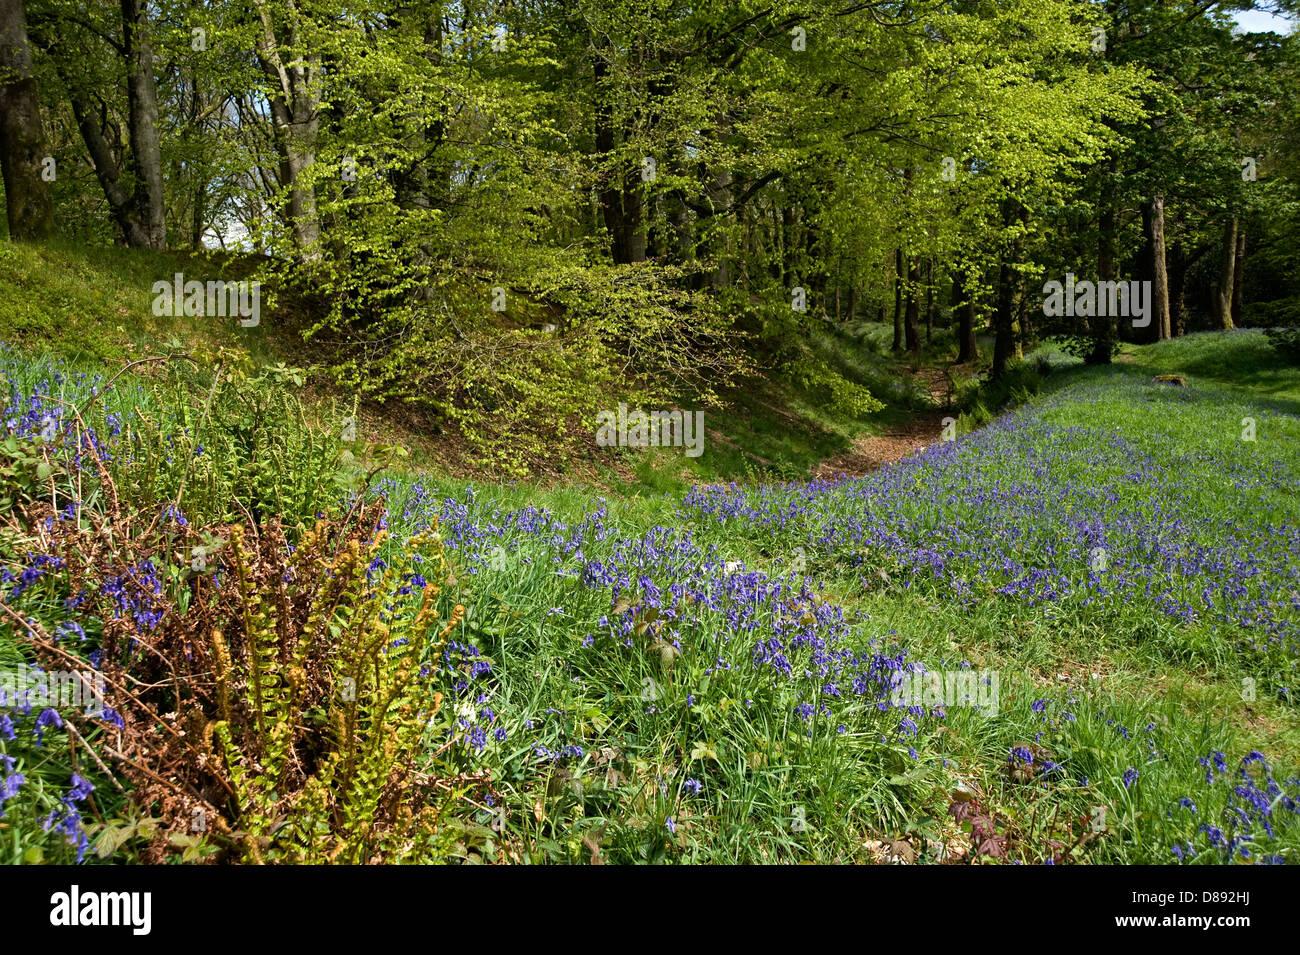 Floraison à jacinthes Blackbury Camp, un âge de fer Devon fort, avec des arbres en hêtre et chêne Photo Stock